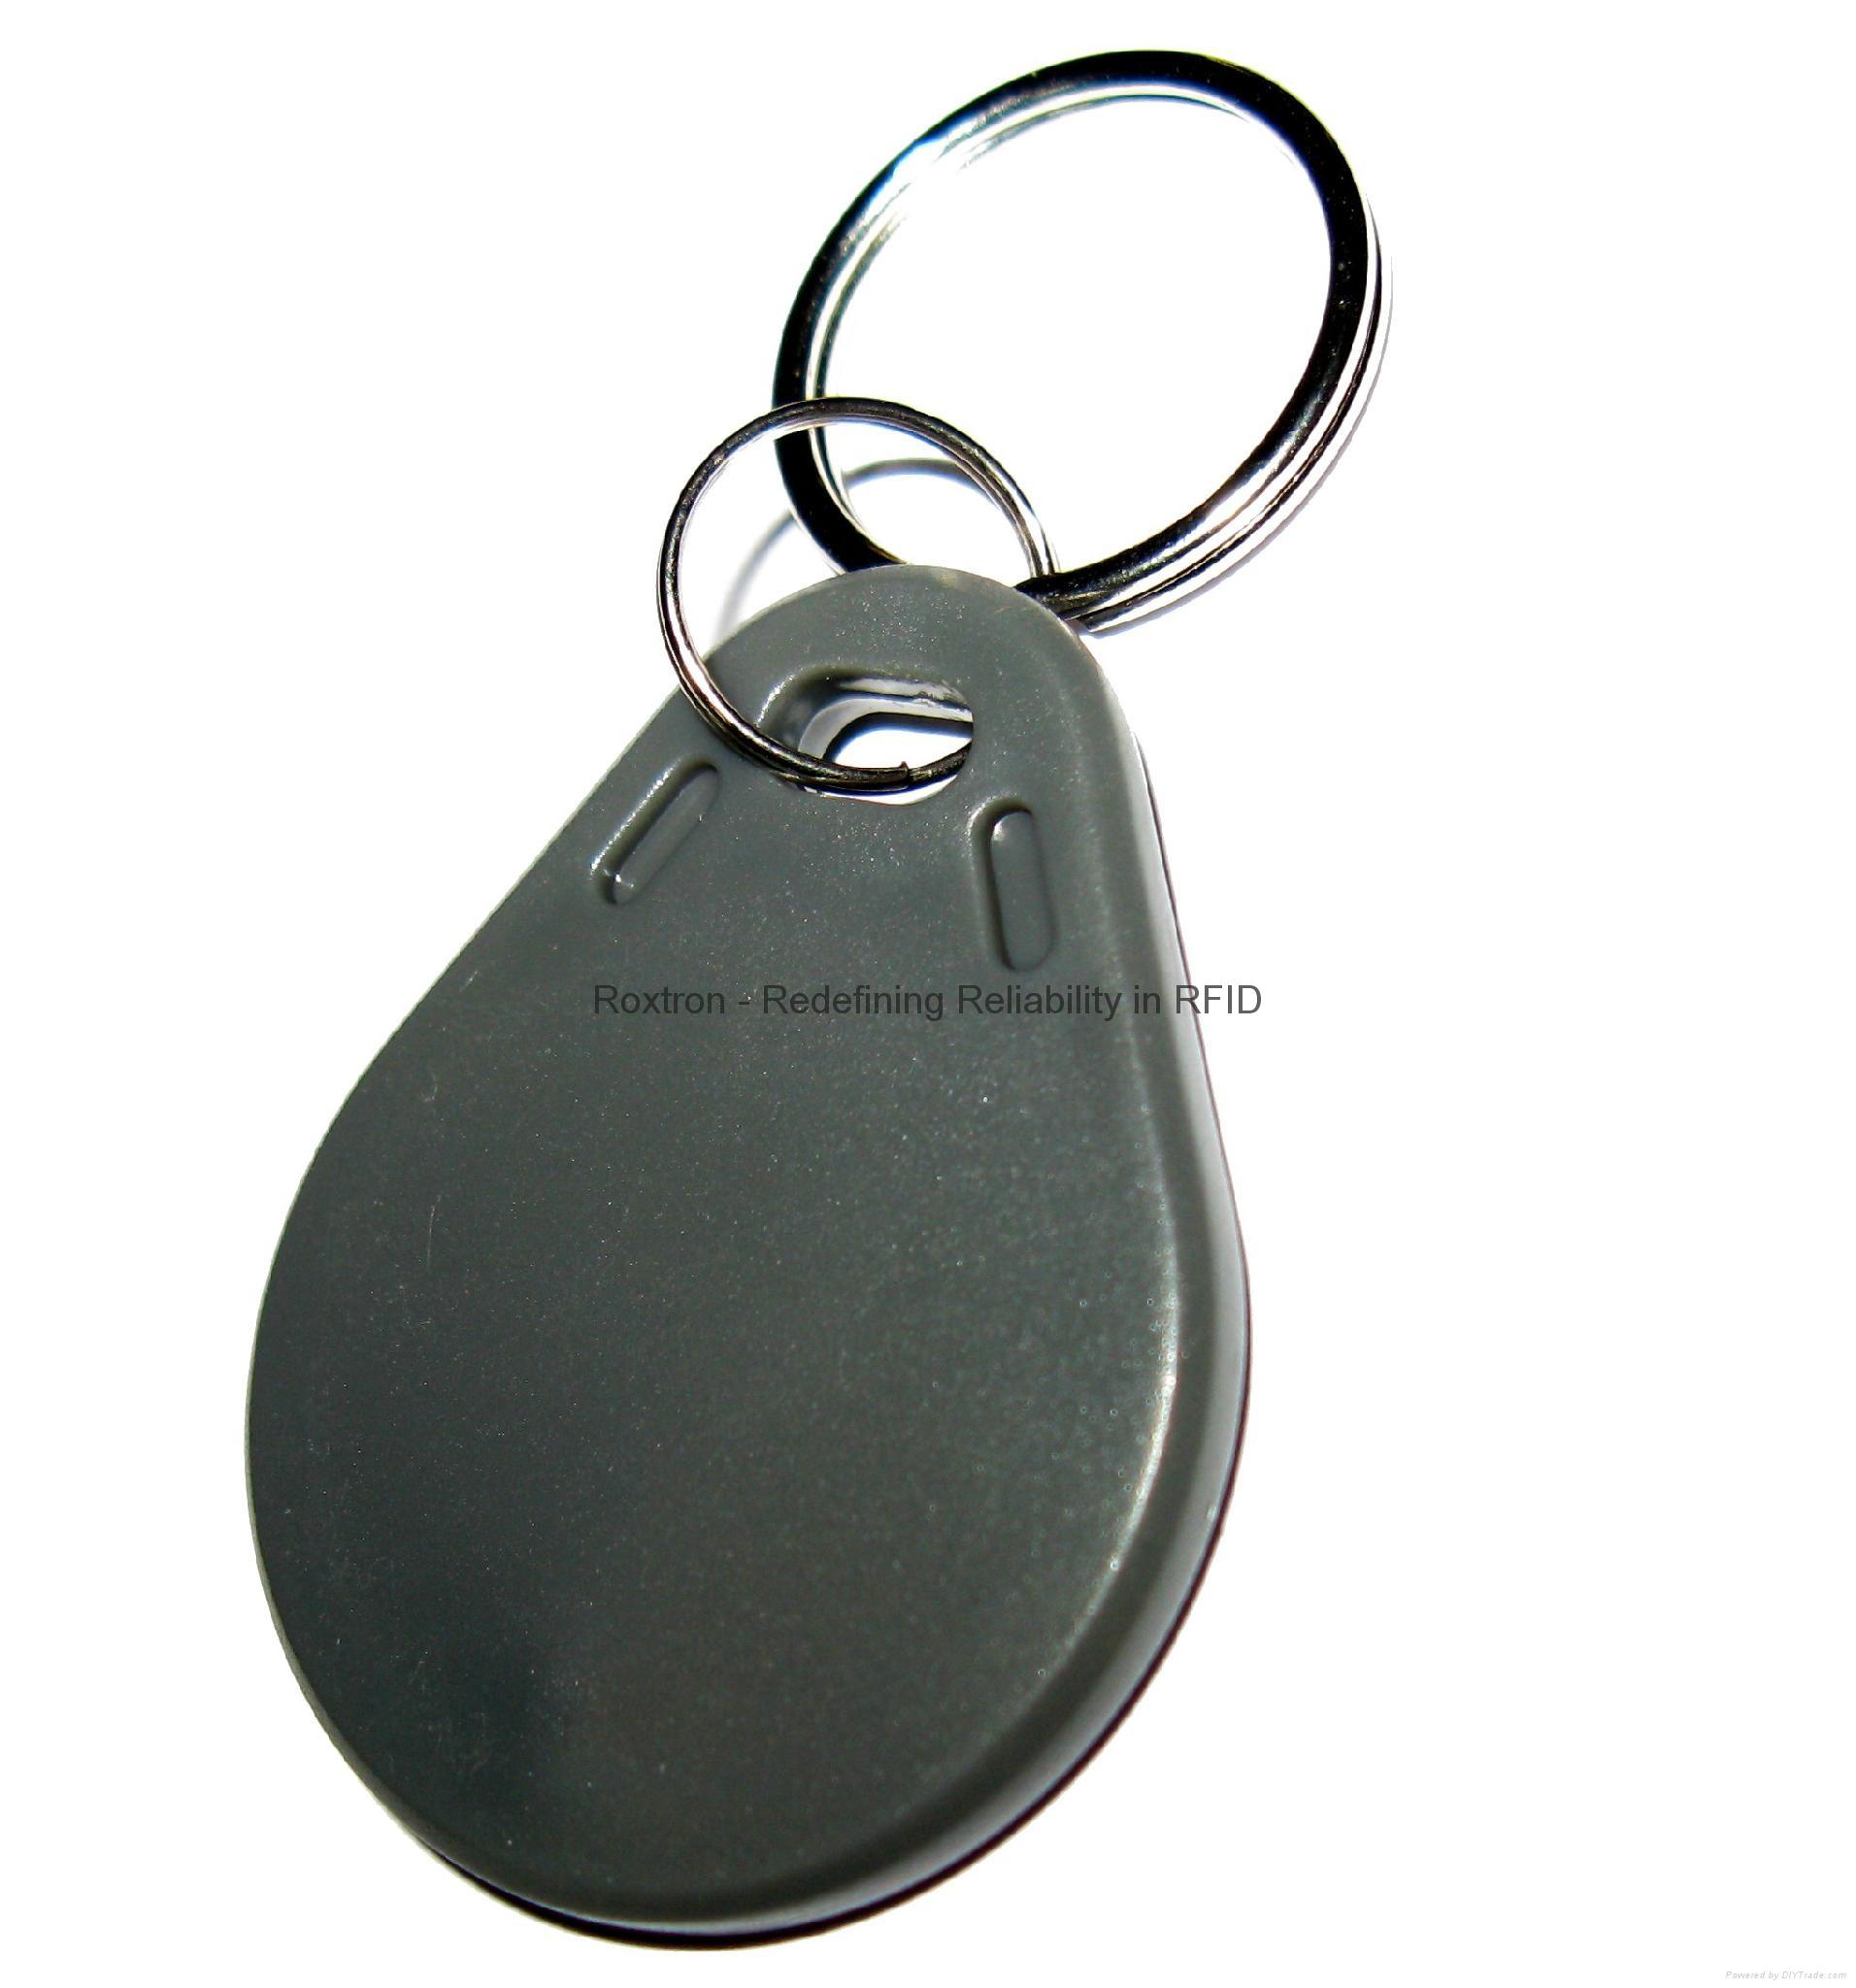 EM4102 RXK04 Key Tag 17